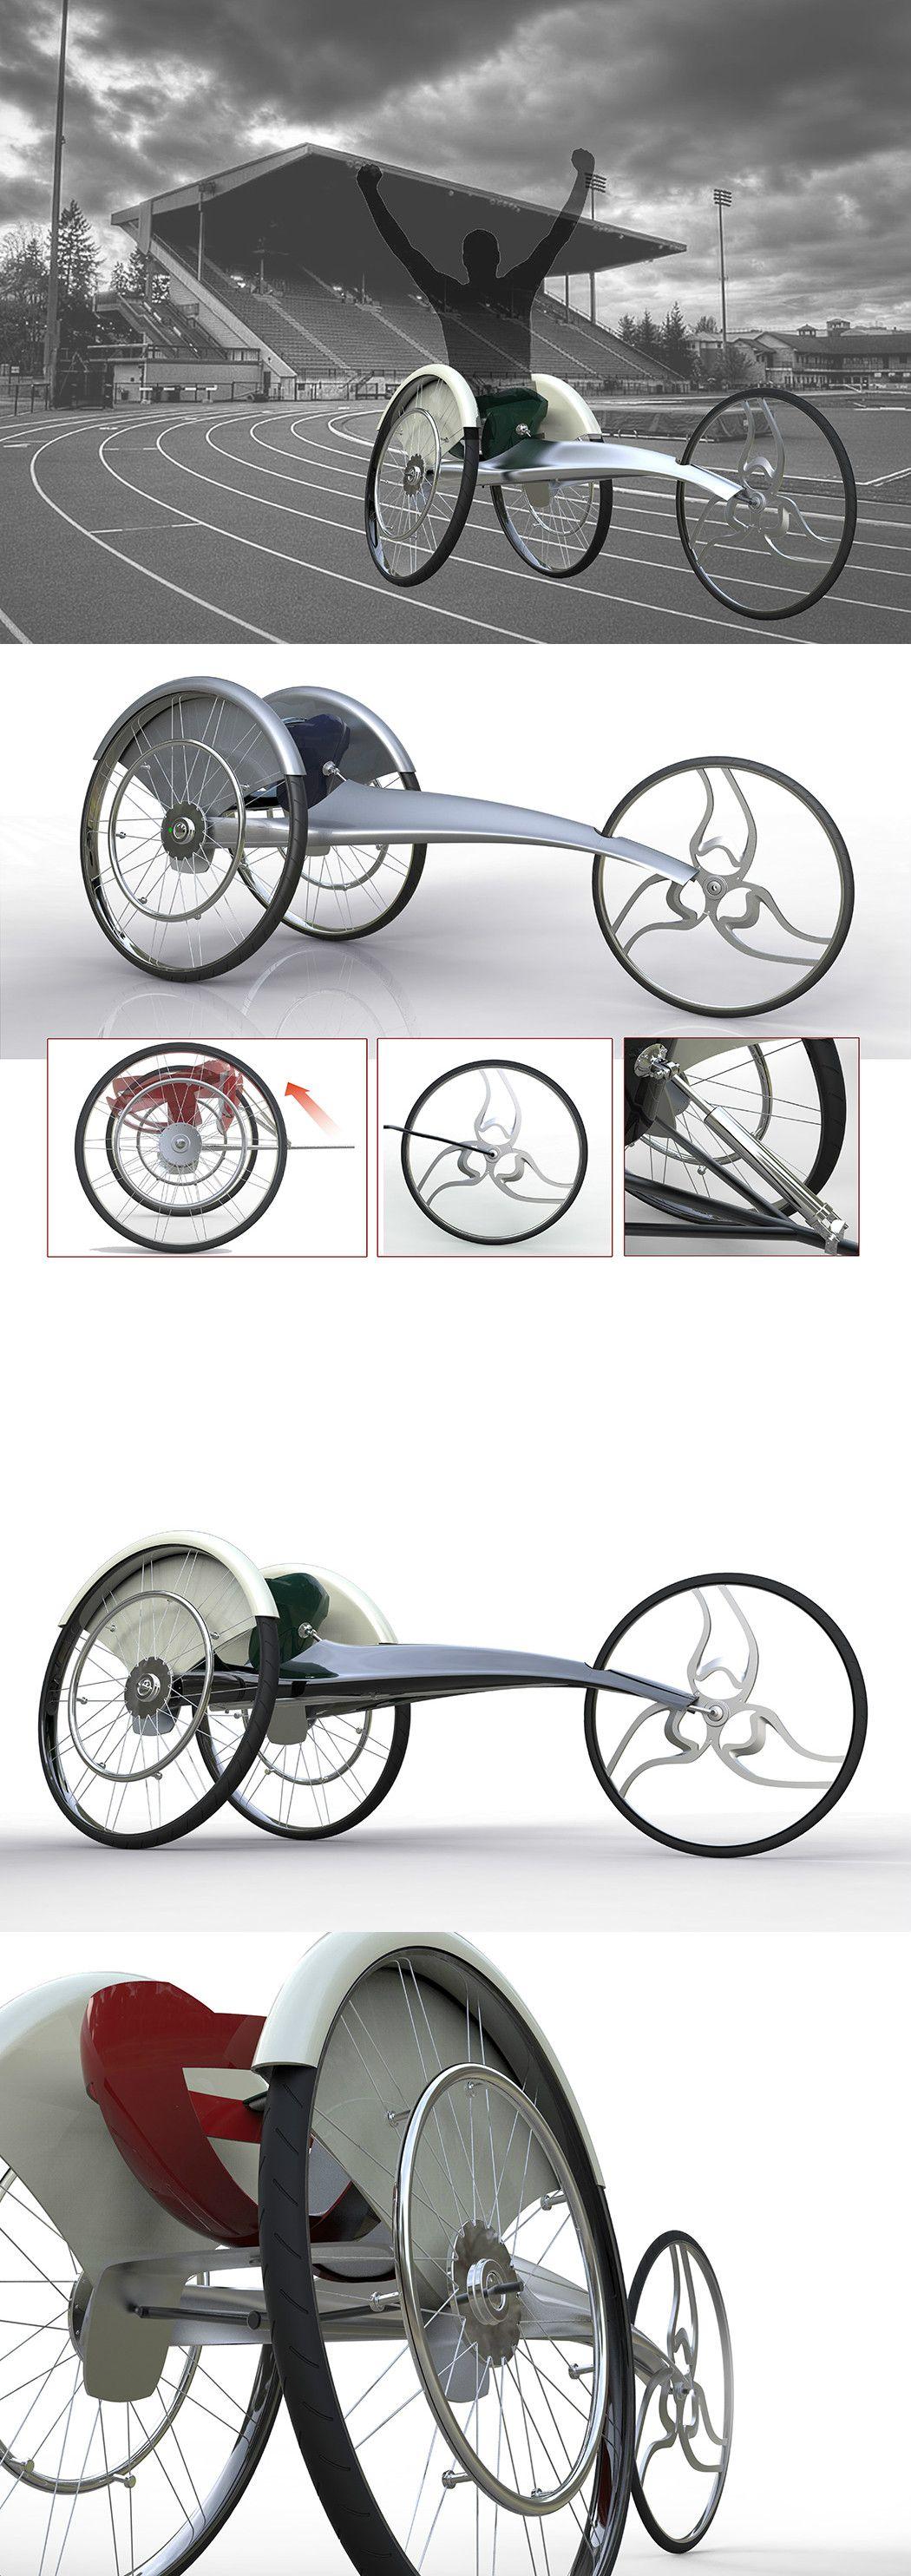 Oracing OITA Race Rolstoel Racing Wheelchair Bikes Trikes & ride ons Pinterest